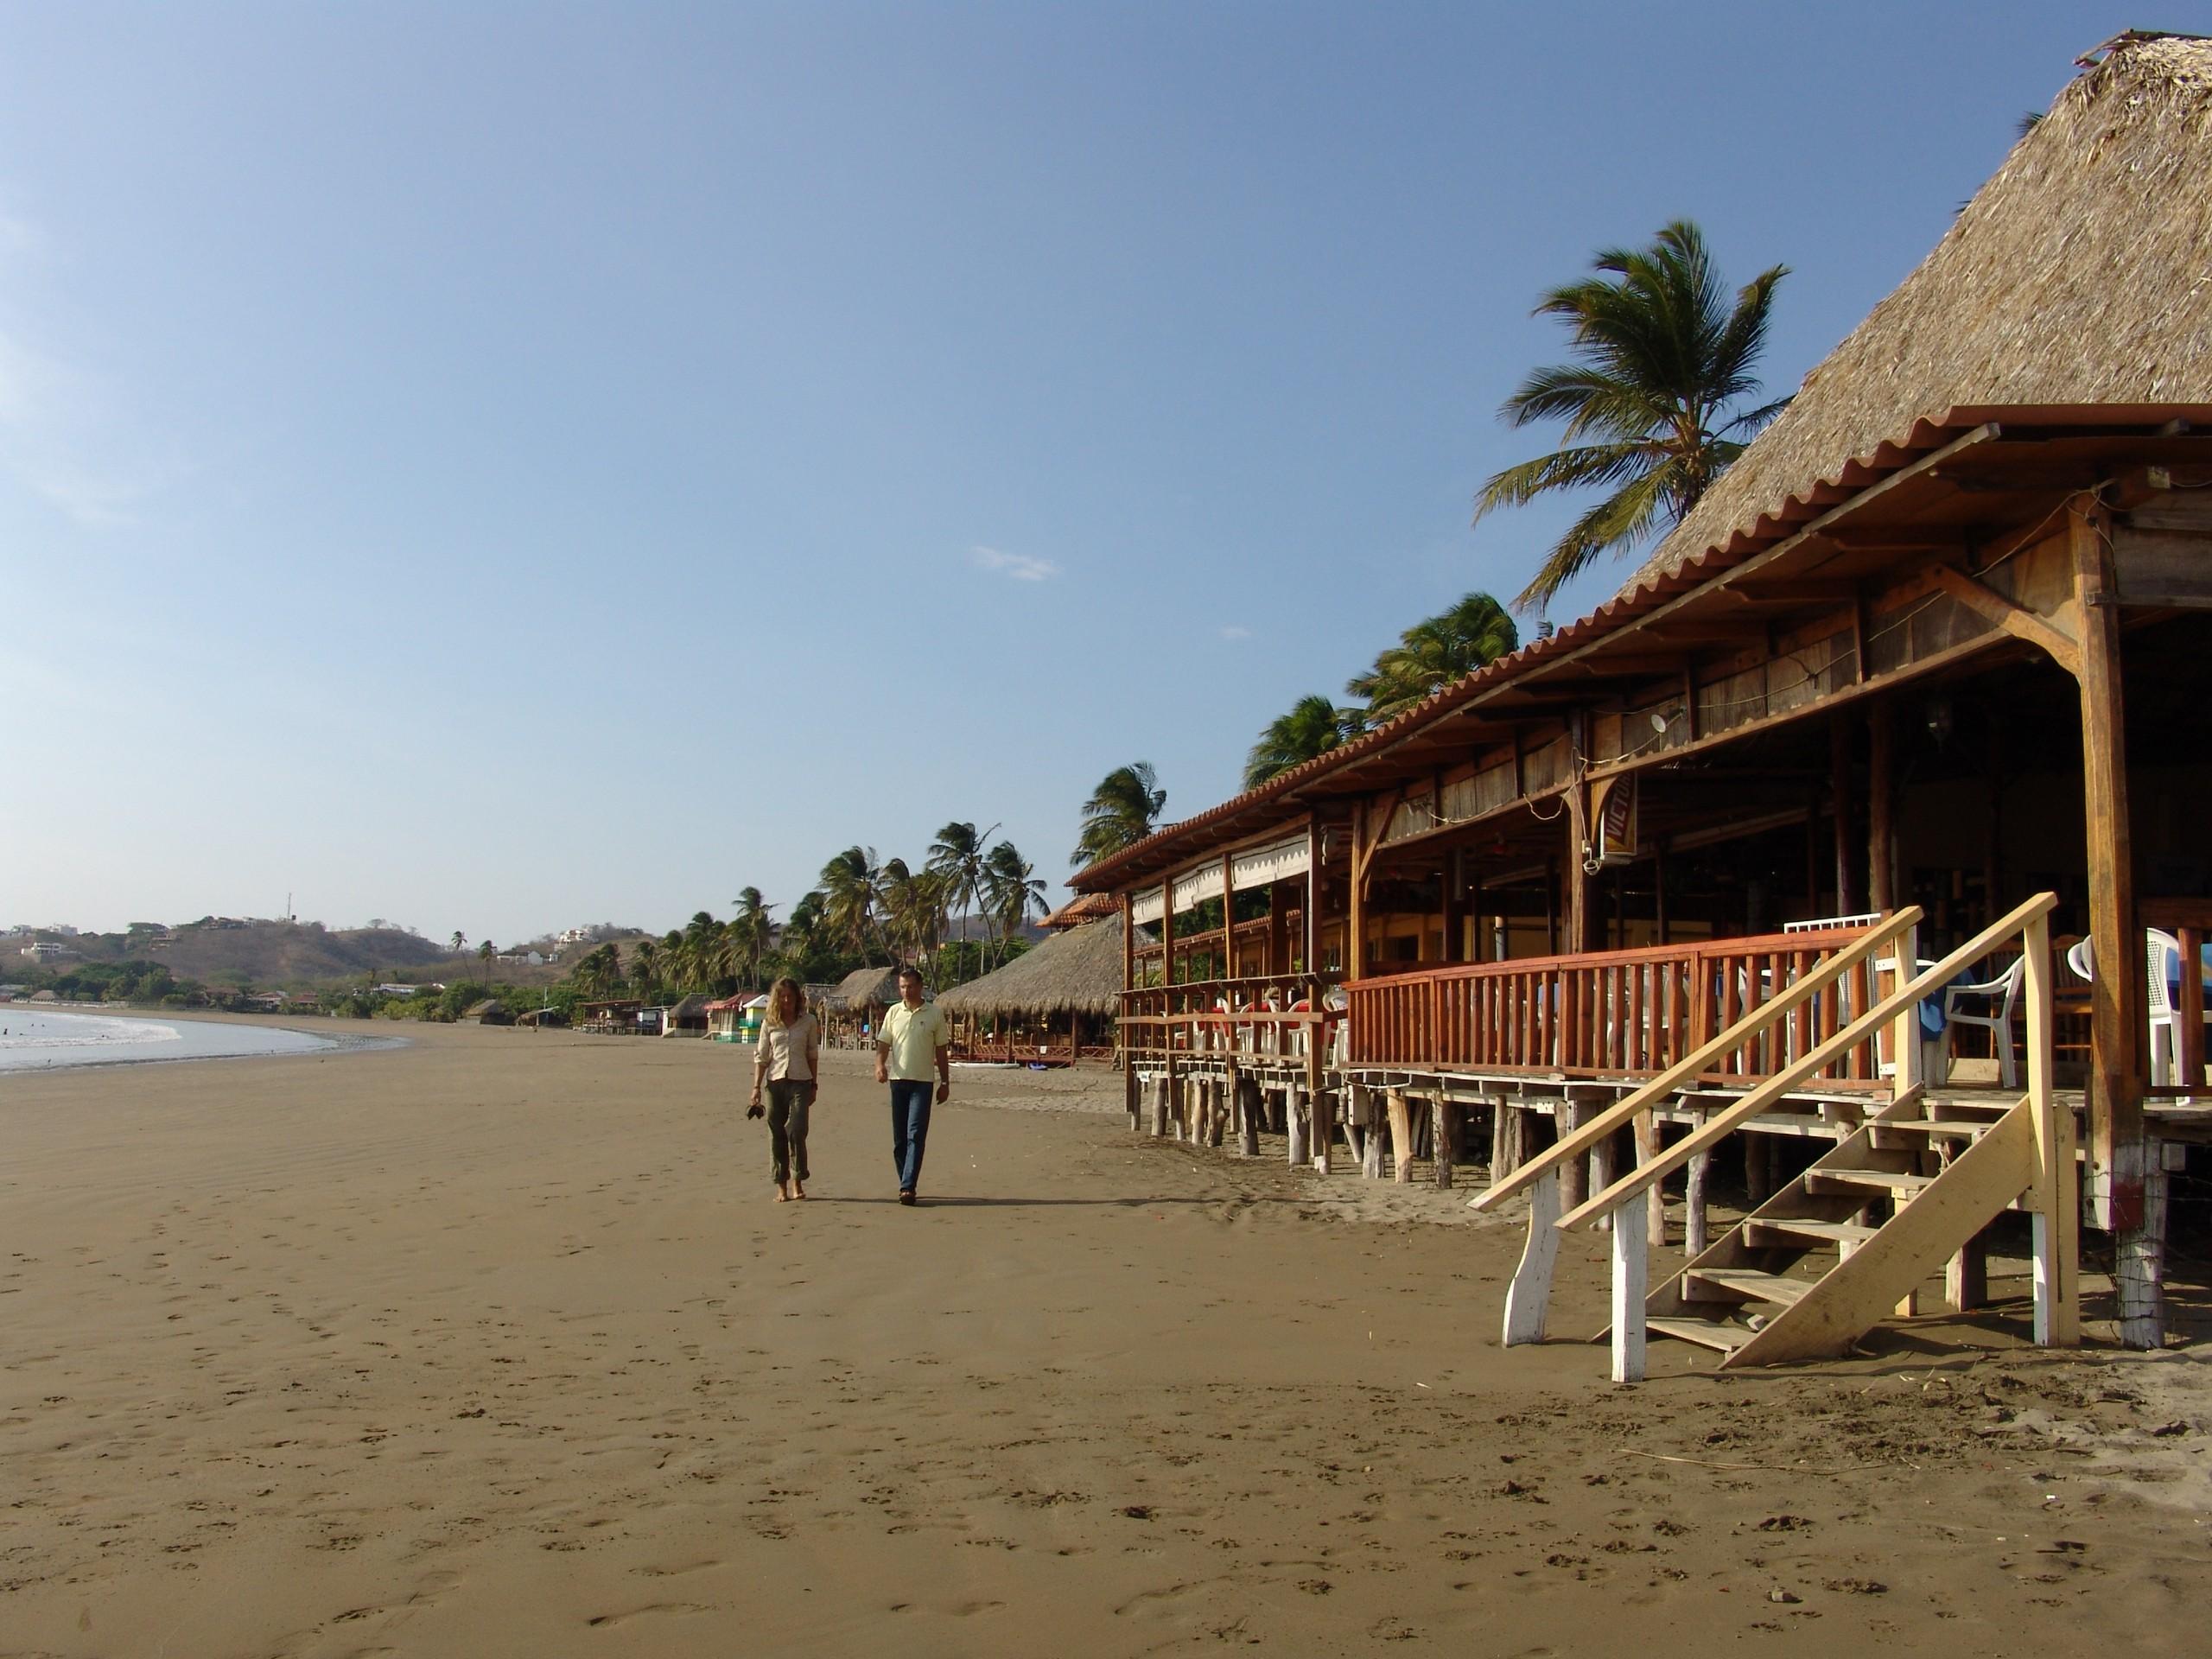 Walking along the San Juan del Sur beach in Nicaragua